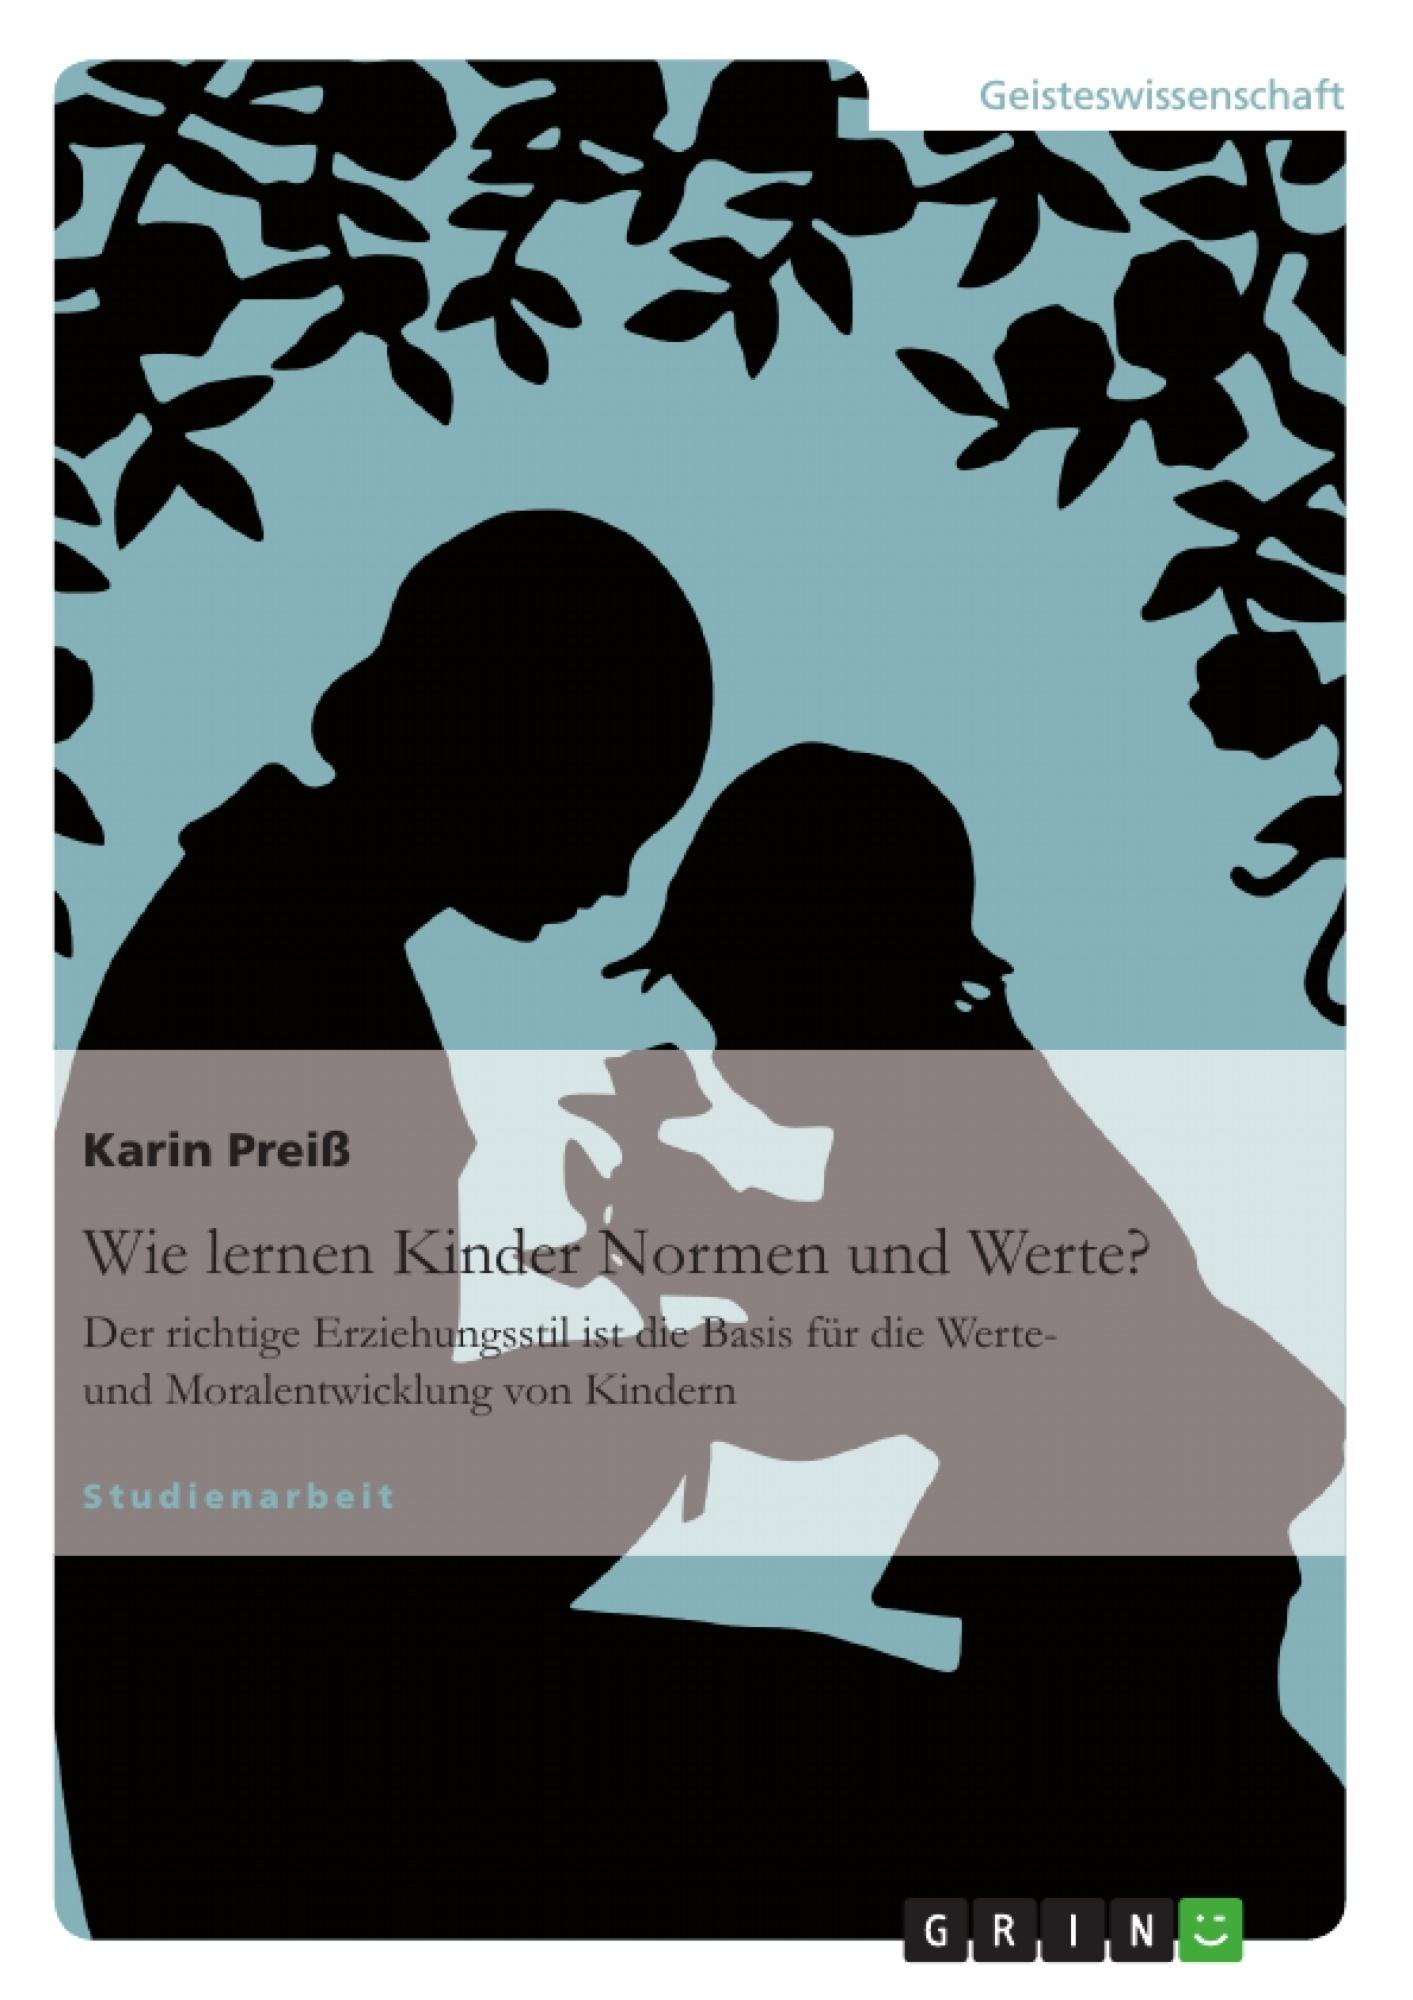 Titel: Wie lernen Kinder Normen und Werte?